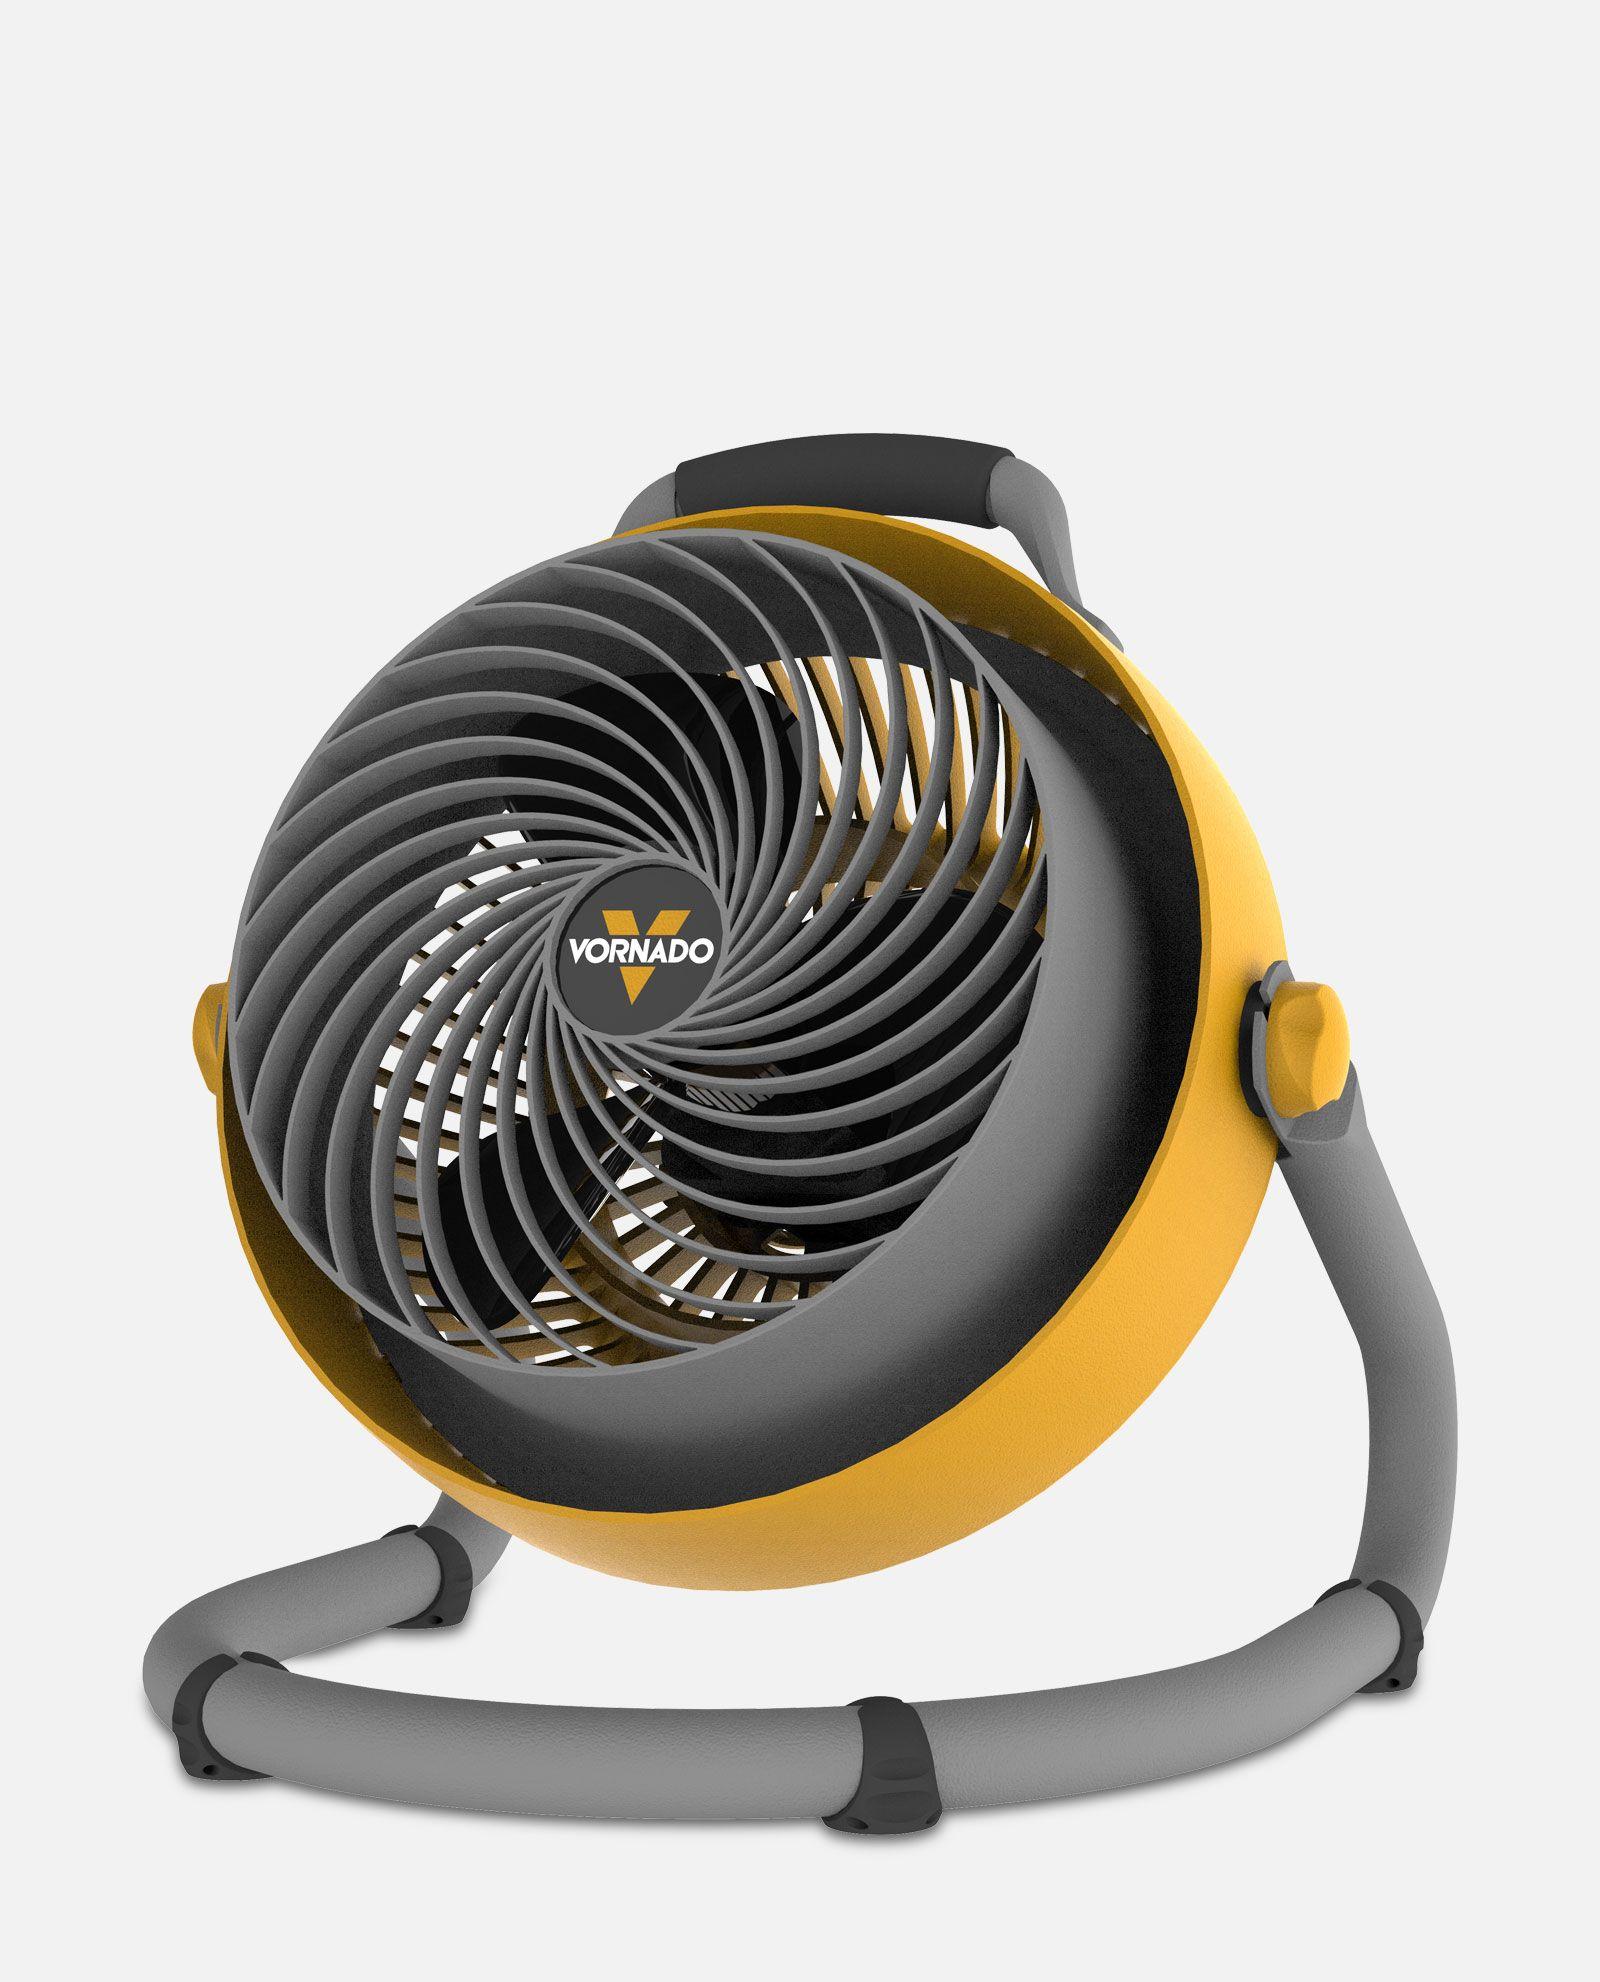 Vornado 293 Stock Image - Heavy Duty Garage Fan